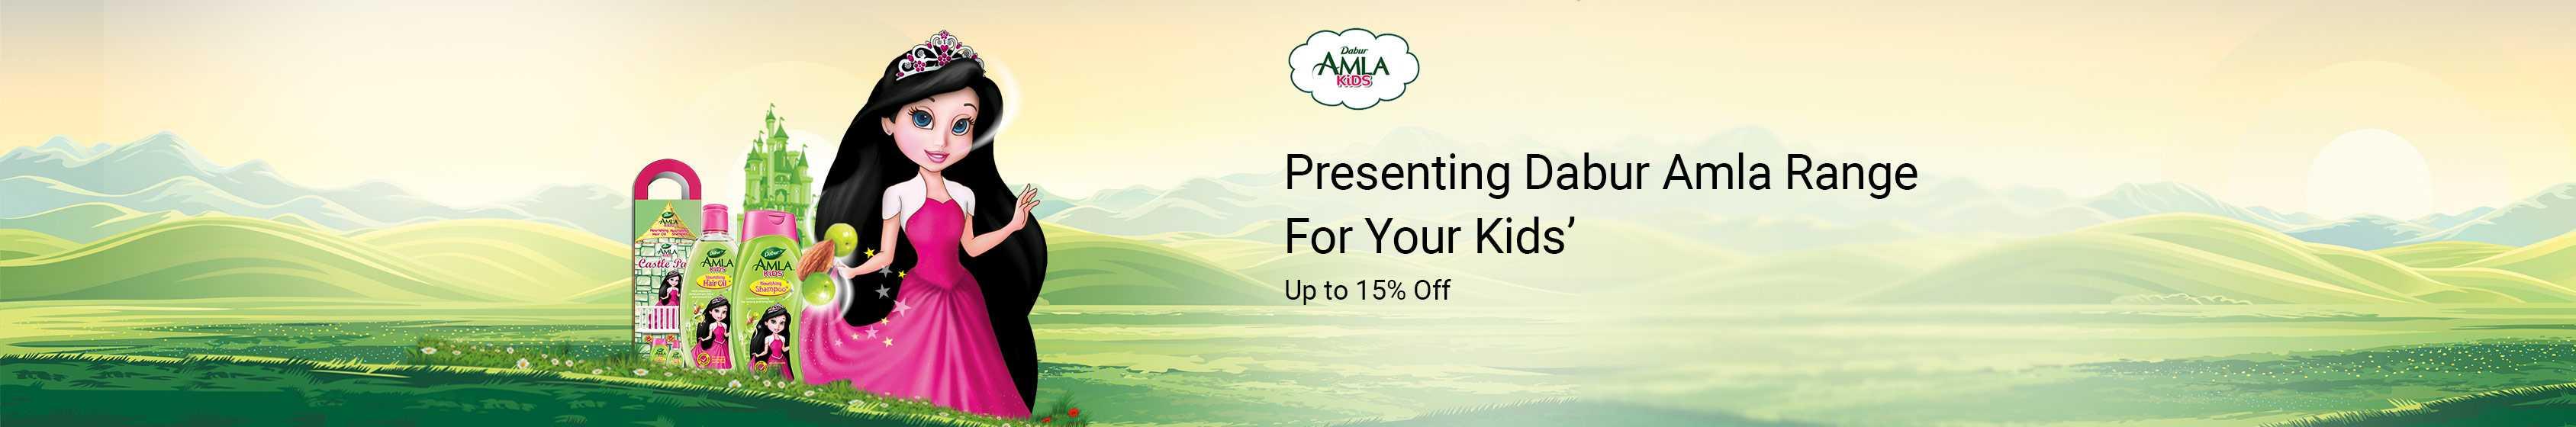 Cs Yva1xmakdo - Buy Cs Yva1xmakdo Online at Low Prices In India